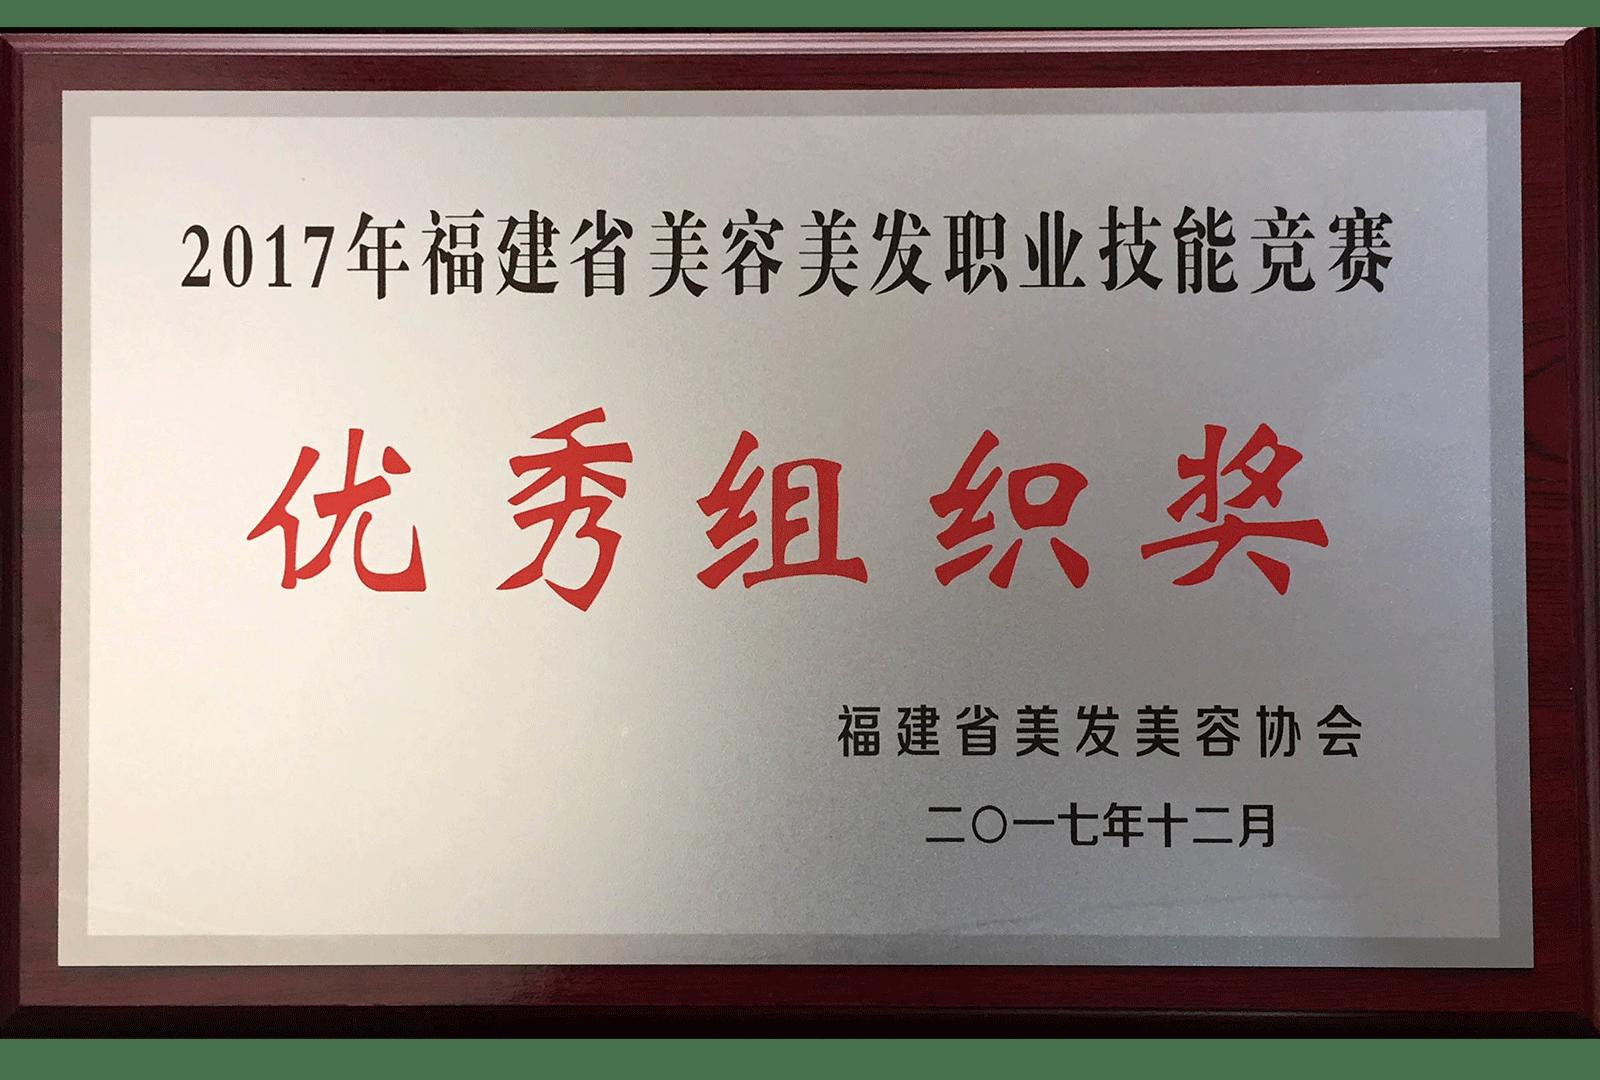 _0022_2017年福建省美容美发职业技能竞赛优秀组织奖